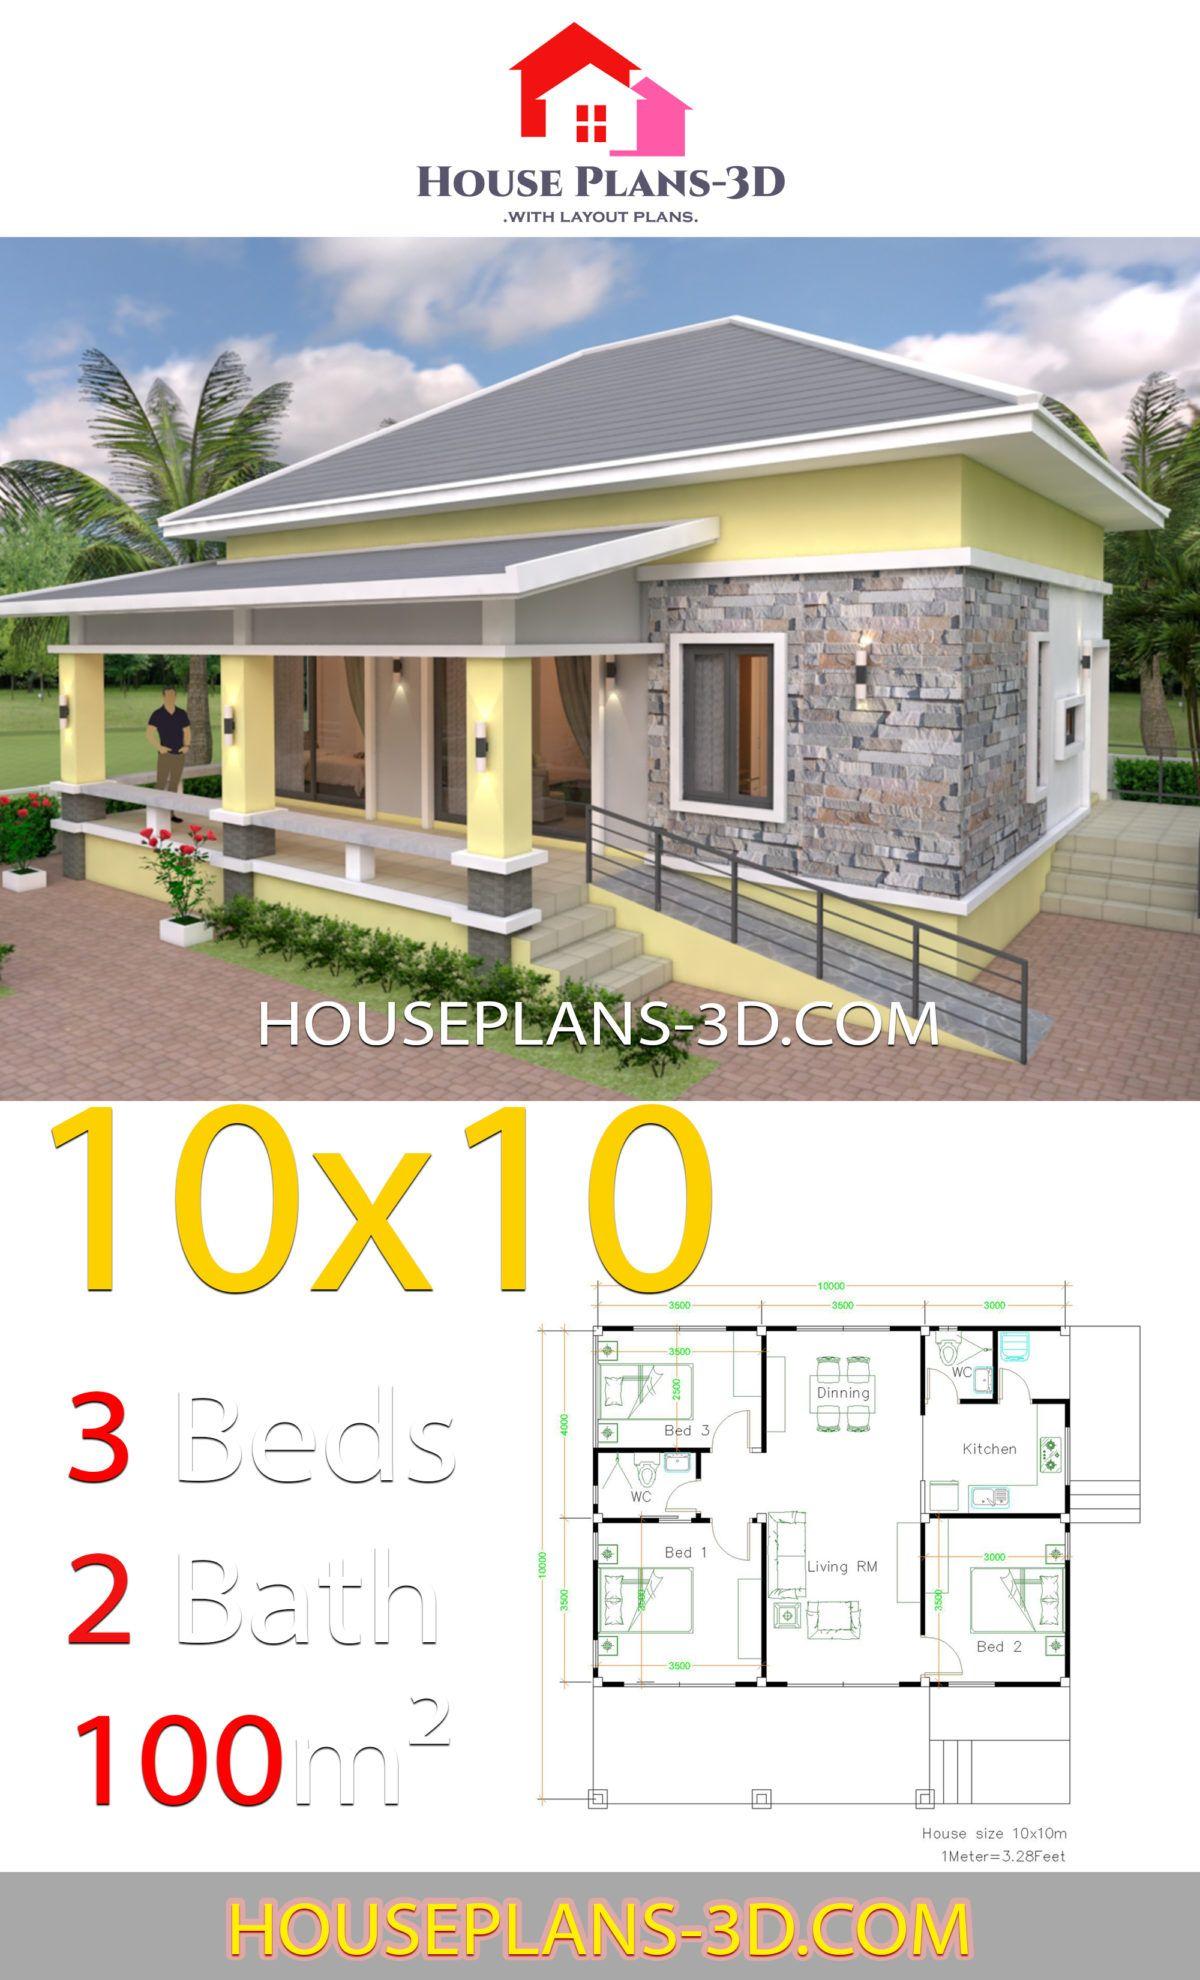 10x10 Bedroom Plans: House Design 10x10 With 3 Bedrooms Hip Roof En 2020